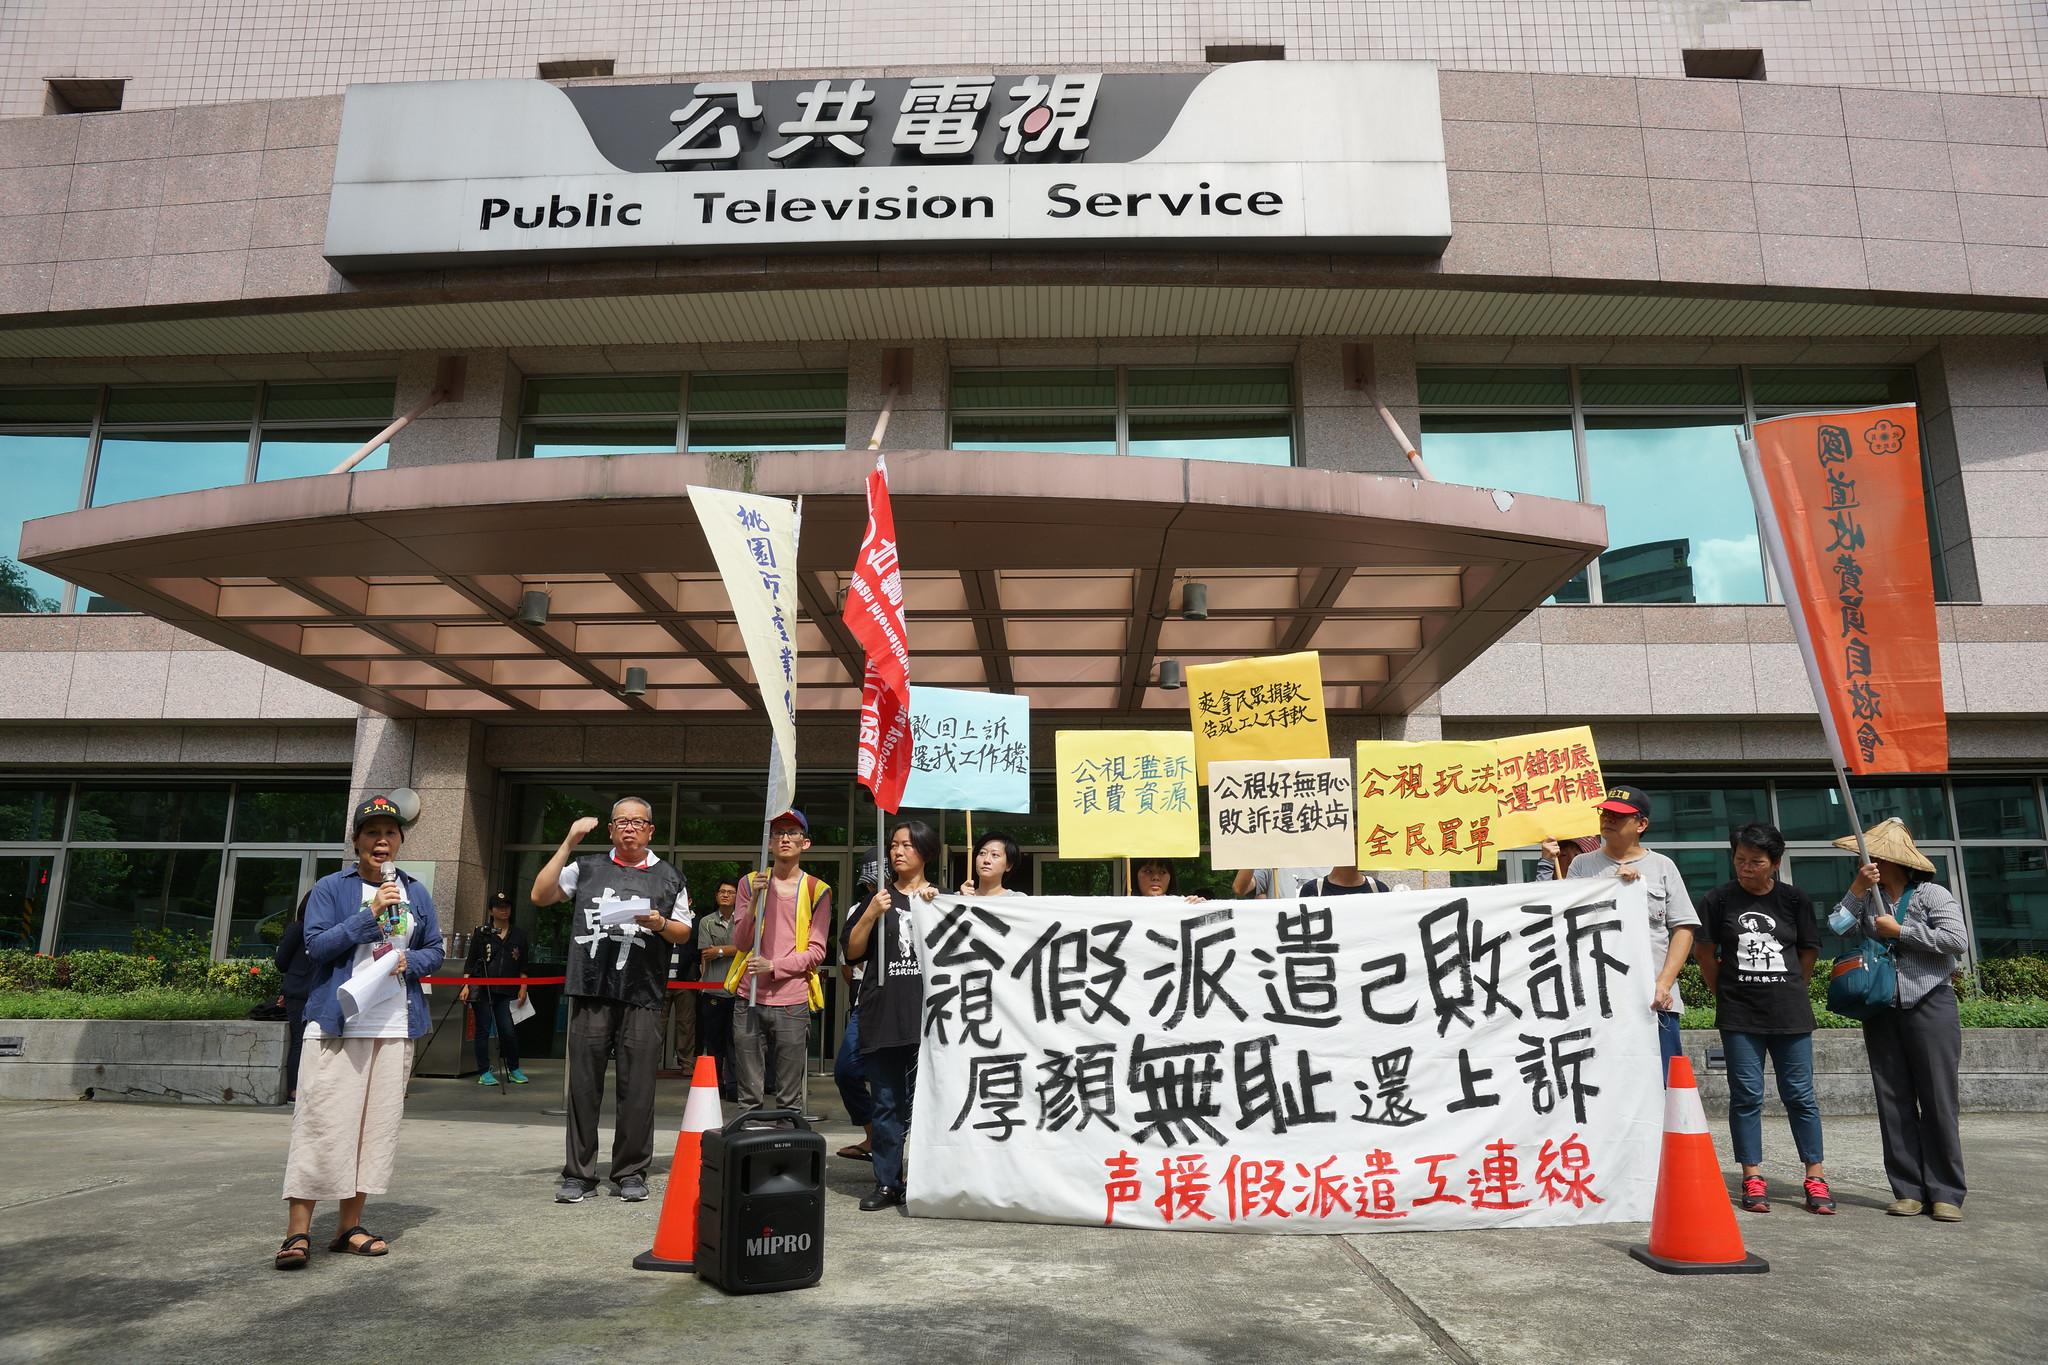 法院認證公視濫用派遣制度,勞團赴公視董事會抗議。(攝影:王顥中)